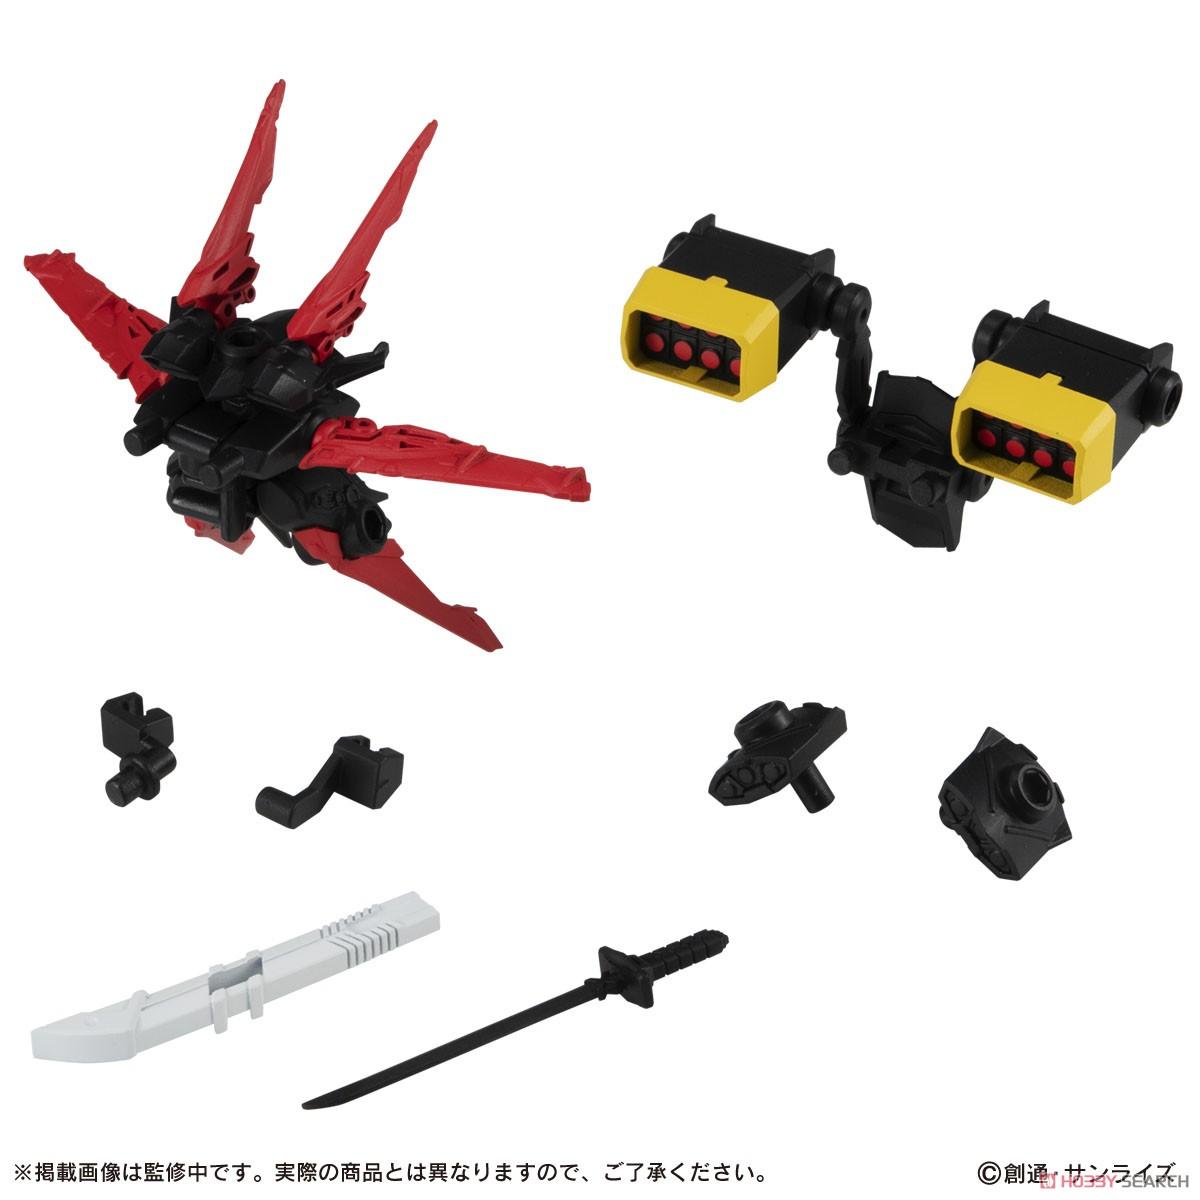 機動戦士ガンダム『MOBILE SUIT ENSEMBLE19』デフォルメ可動フィギュア 10個入りBOX-006